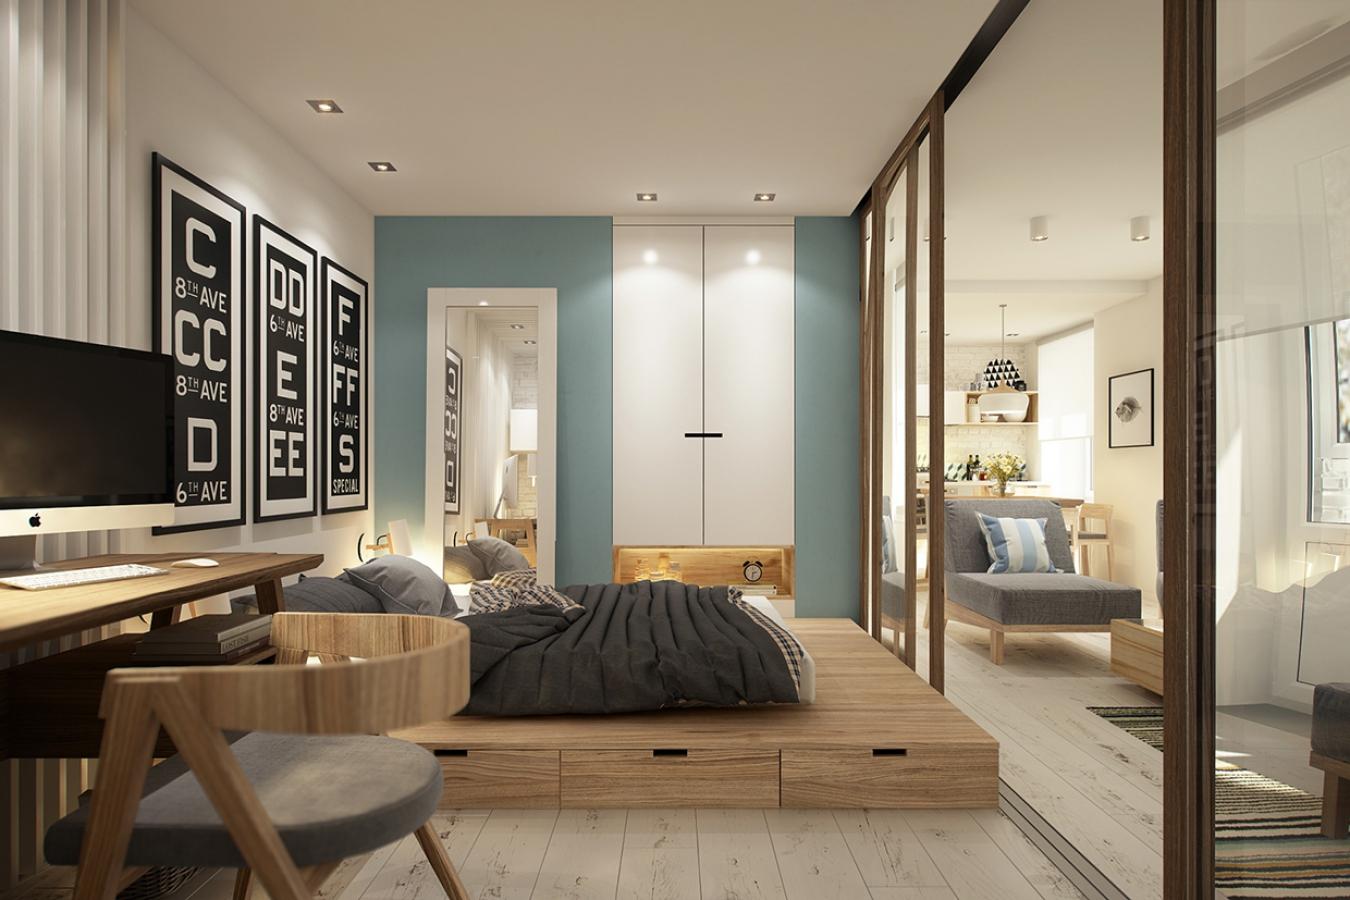 Квартира в стиле хай-тек: эффектная лаконичность